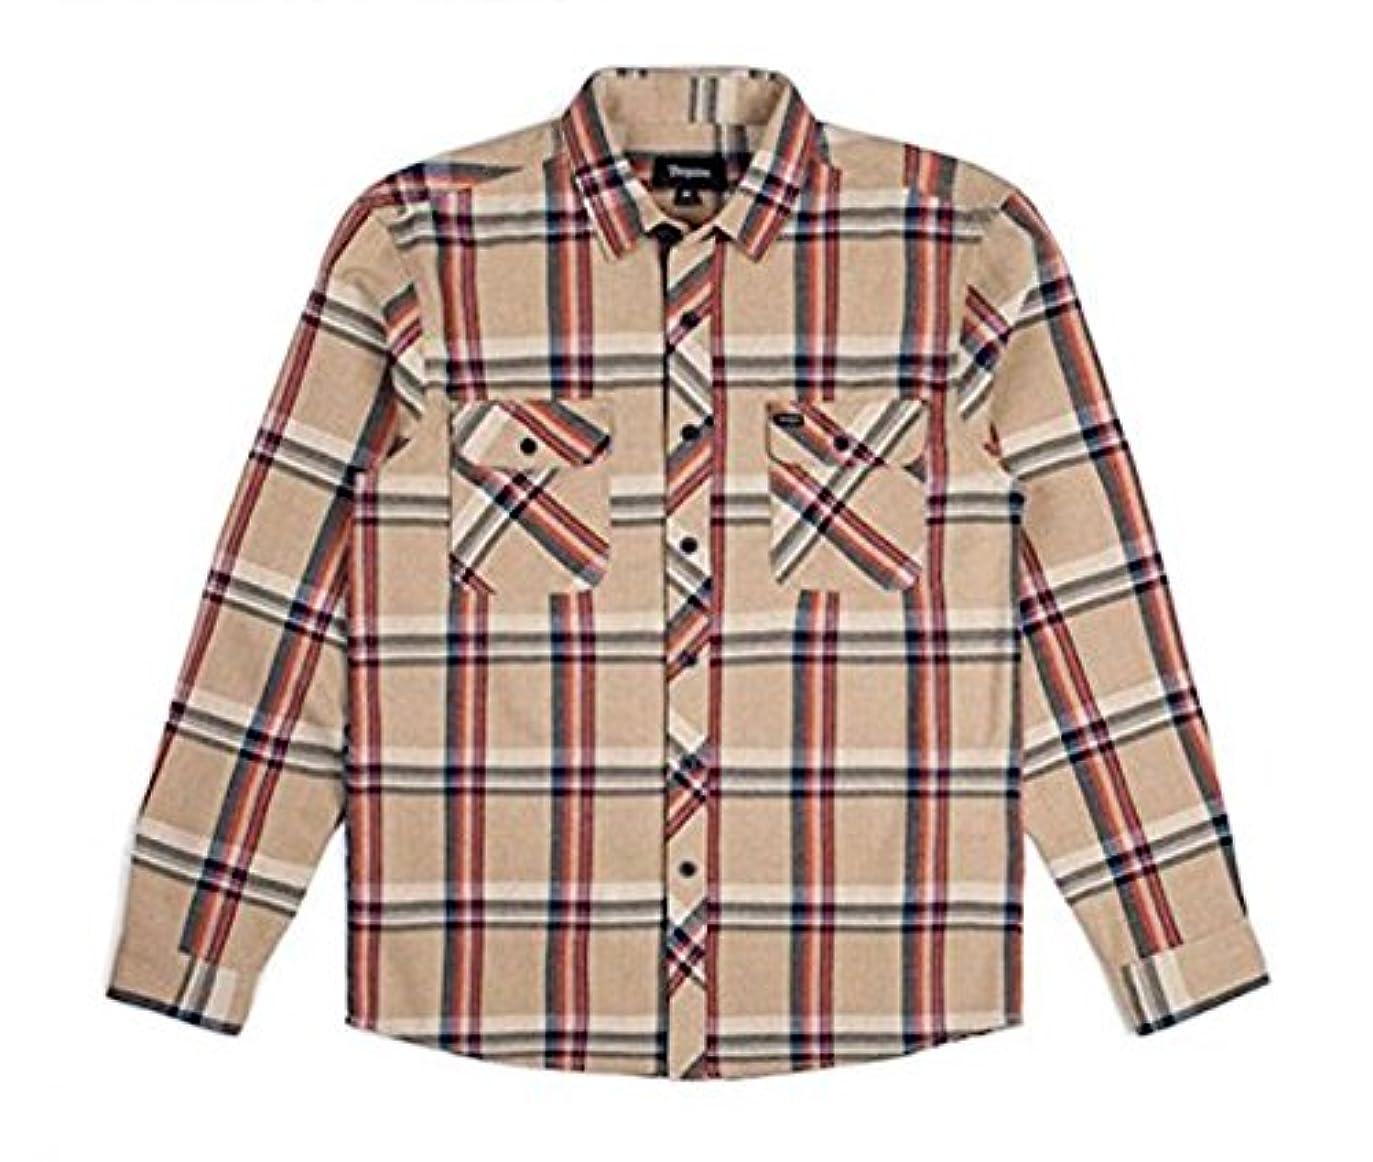 上院スクランブルオープニングBrixton Bowery L/S Flannel Shirt Tan Plaid L ネルシャツ 並行輸入品